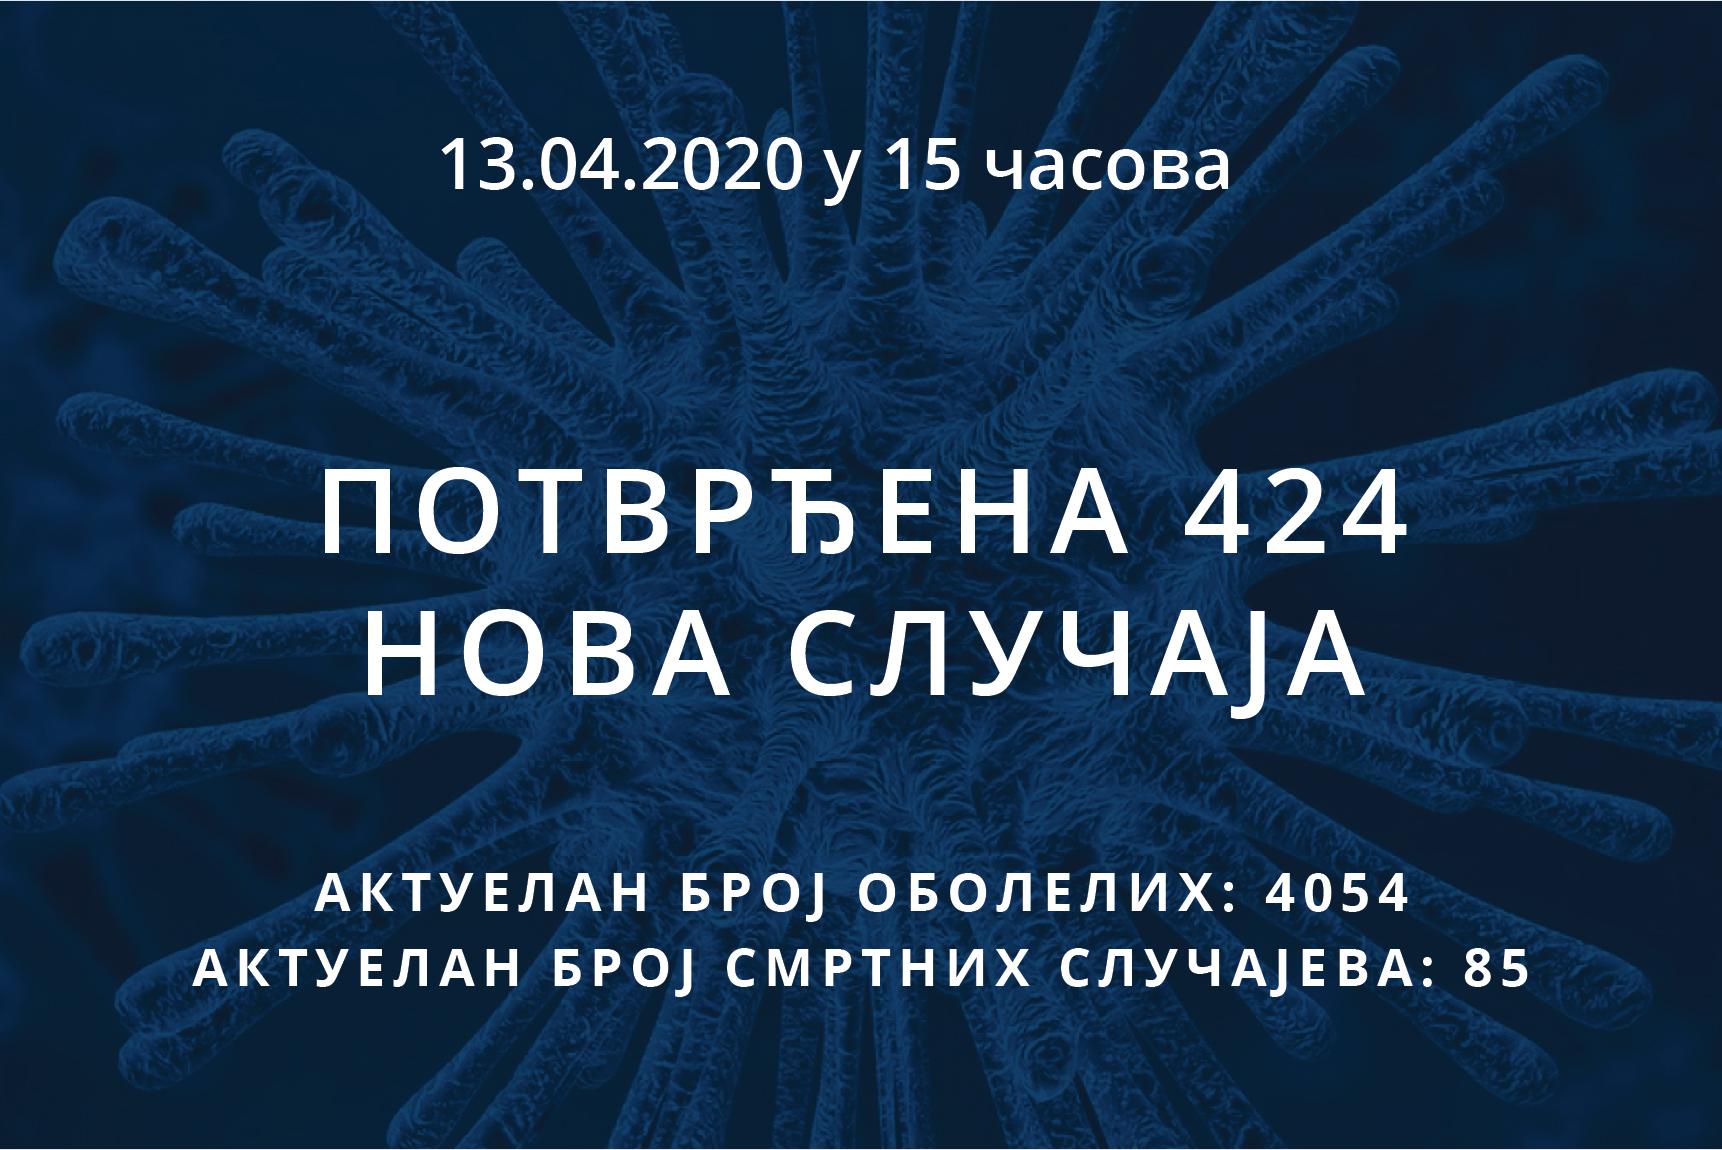 You are currently viewing Информације о корона вирусу COVID-19, 13.04.2020 у 15 часова